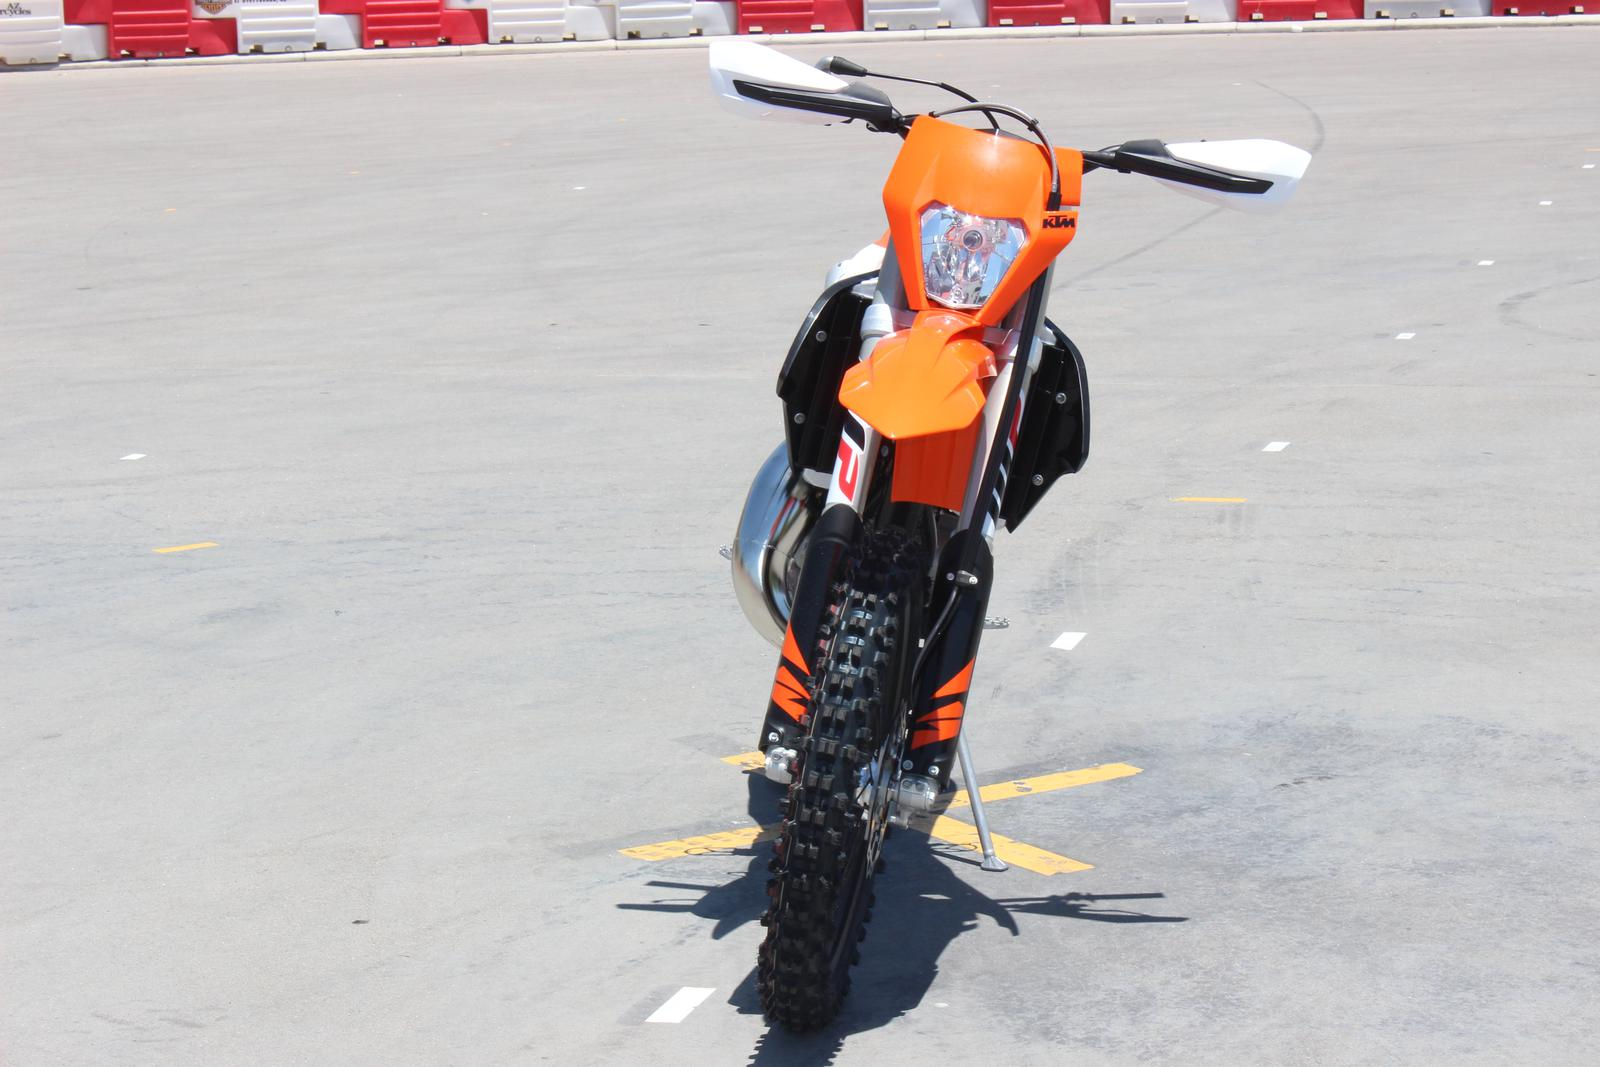 2018 ktm 150 xc-w for sale in scottsdale, az | go az motorcycles